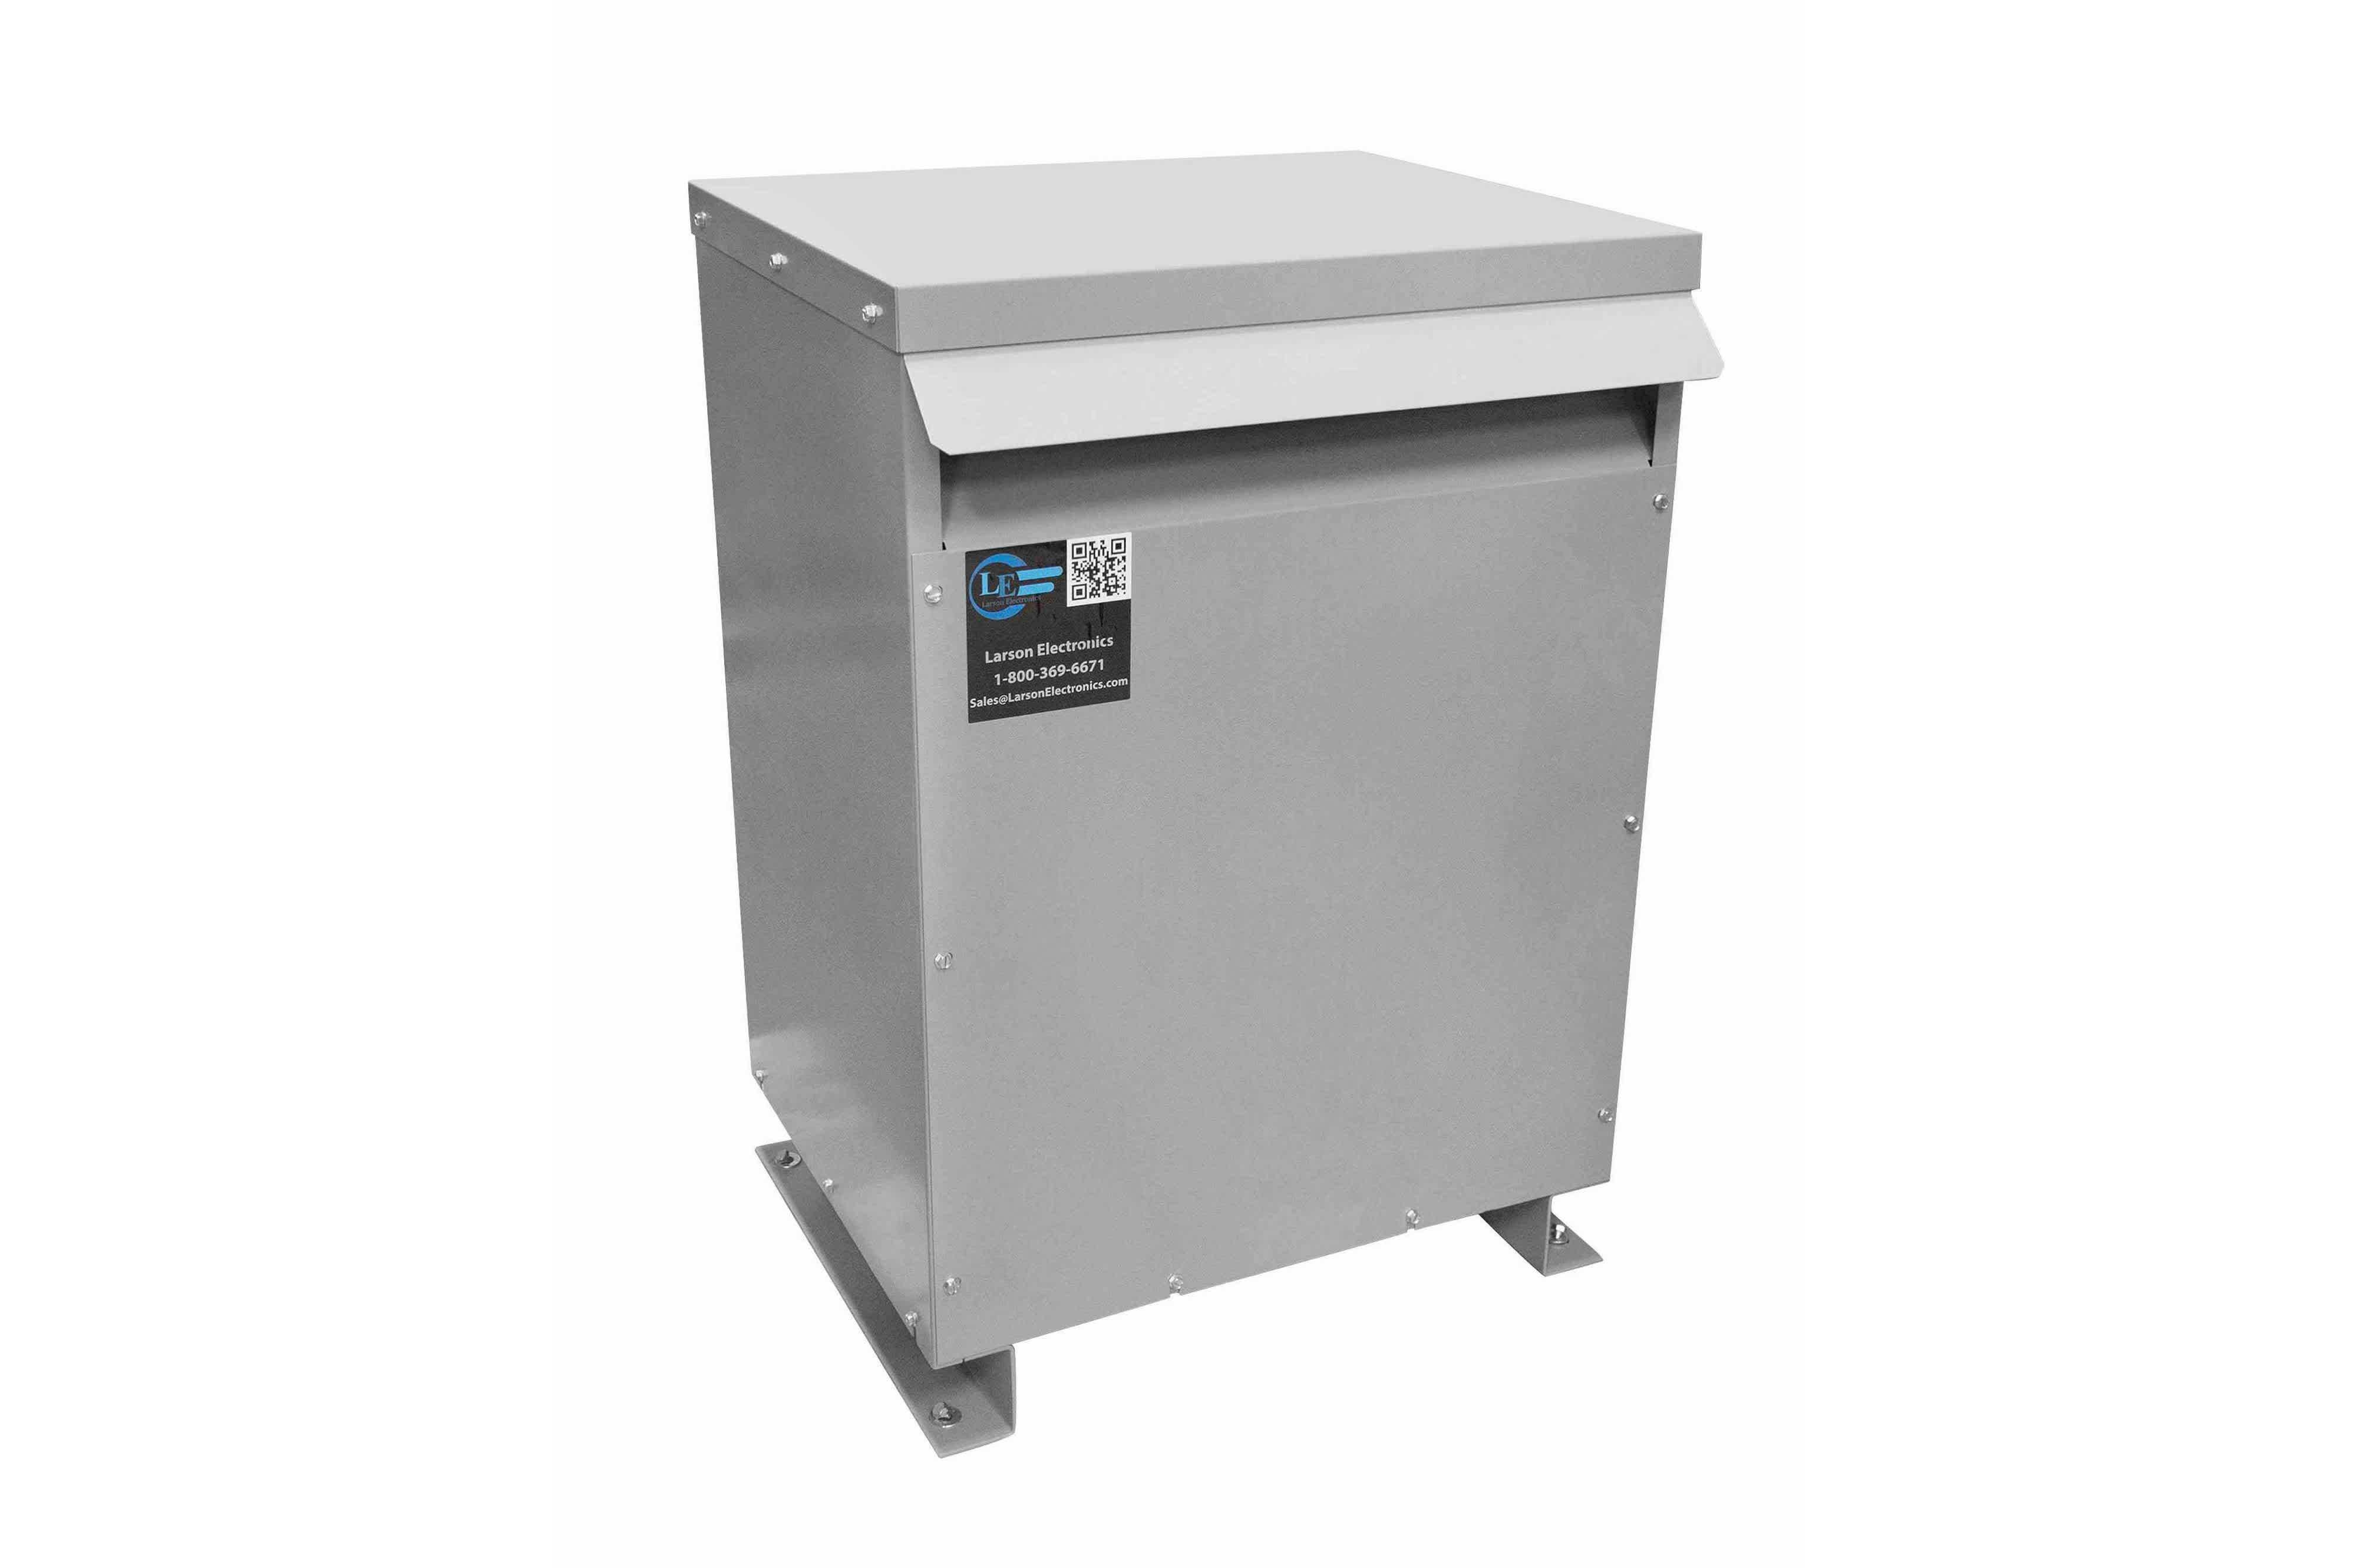 700 kVA 3PH Isolation Transformer, 400V Delta Primary, 208V Delta Secondary, N3R, Ventilated, 60 Hz